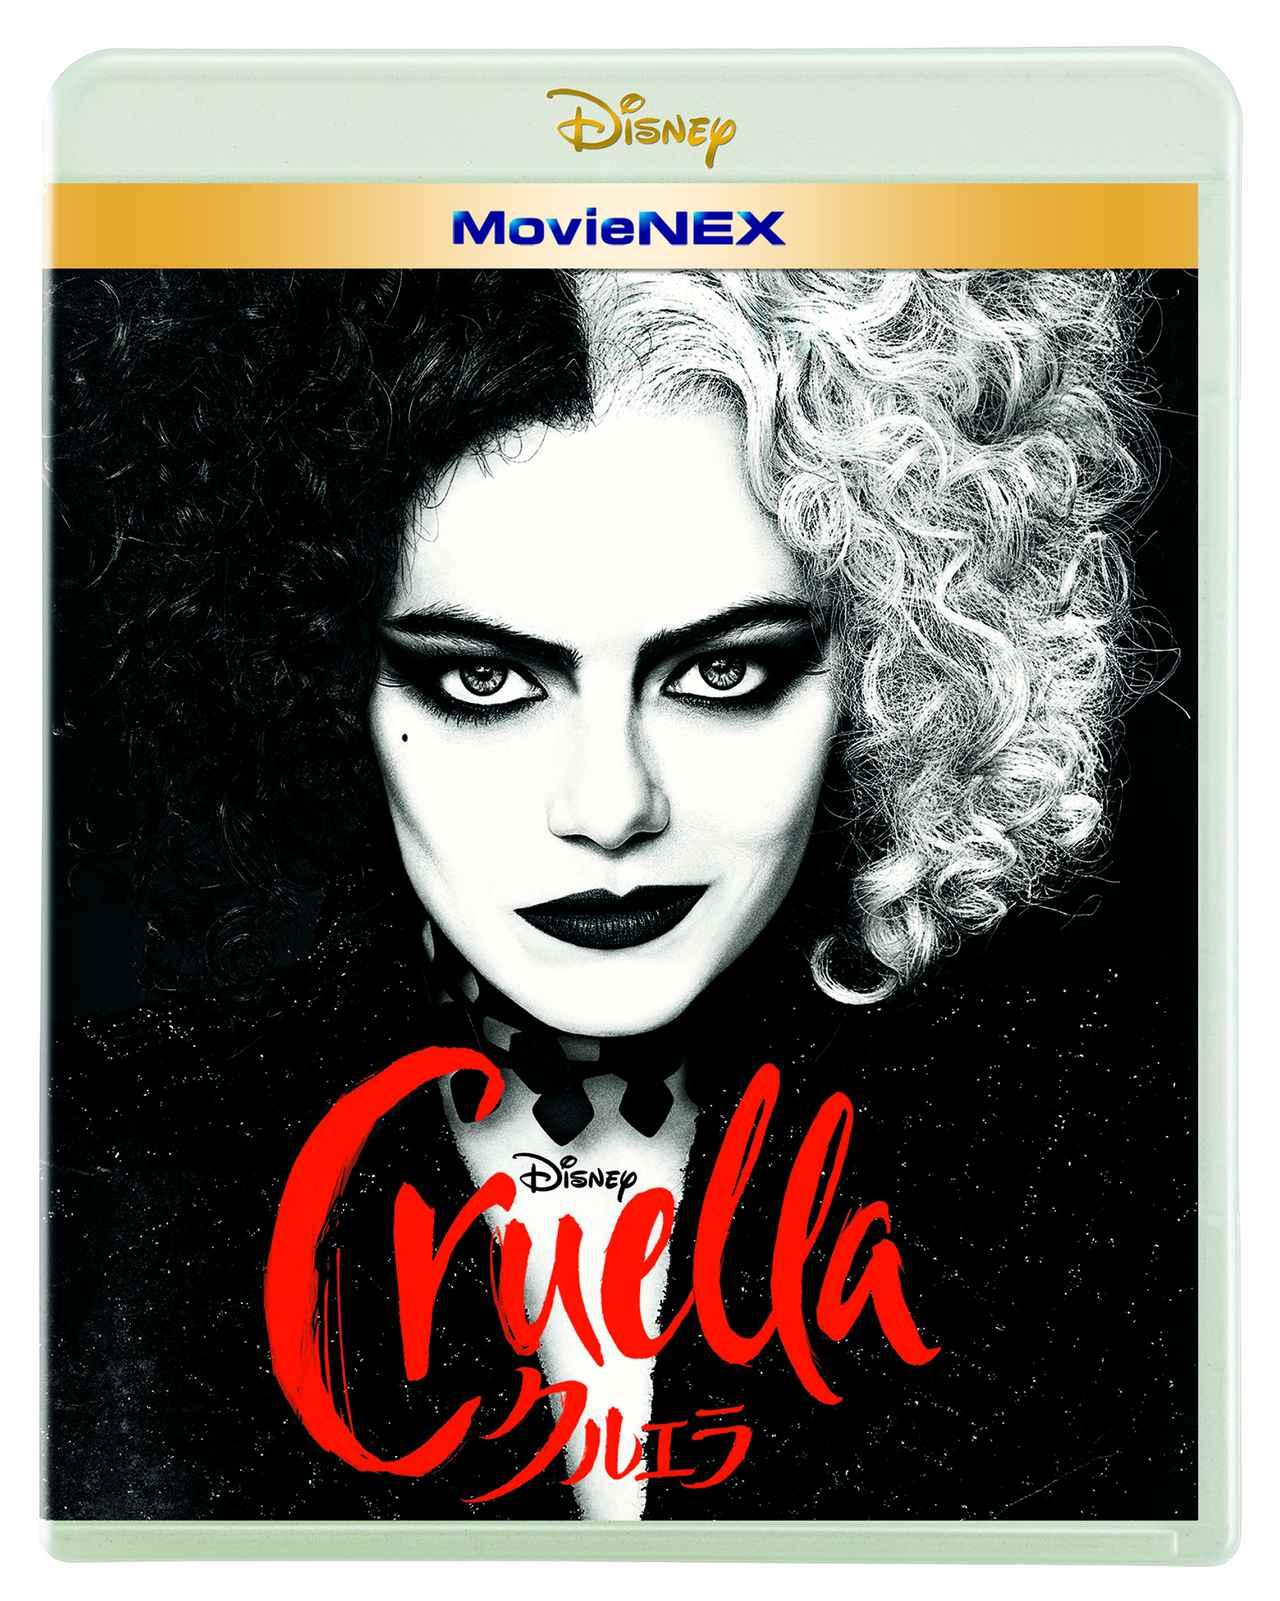 画像2: 本日MovieNex発売の『クルエラ』より「2人のエマ」が語るインタビュー映像が公開